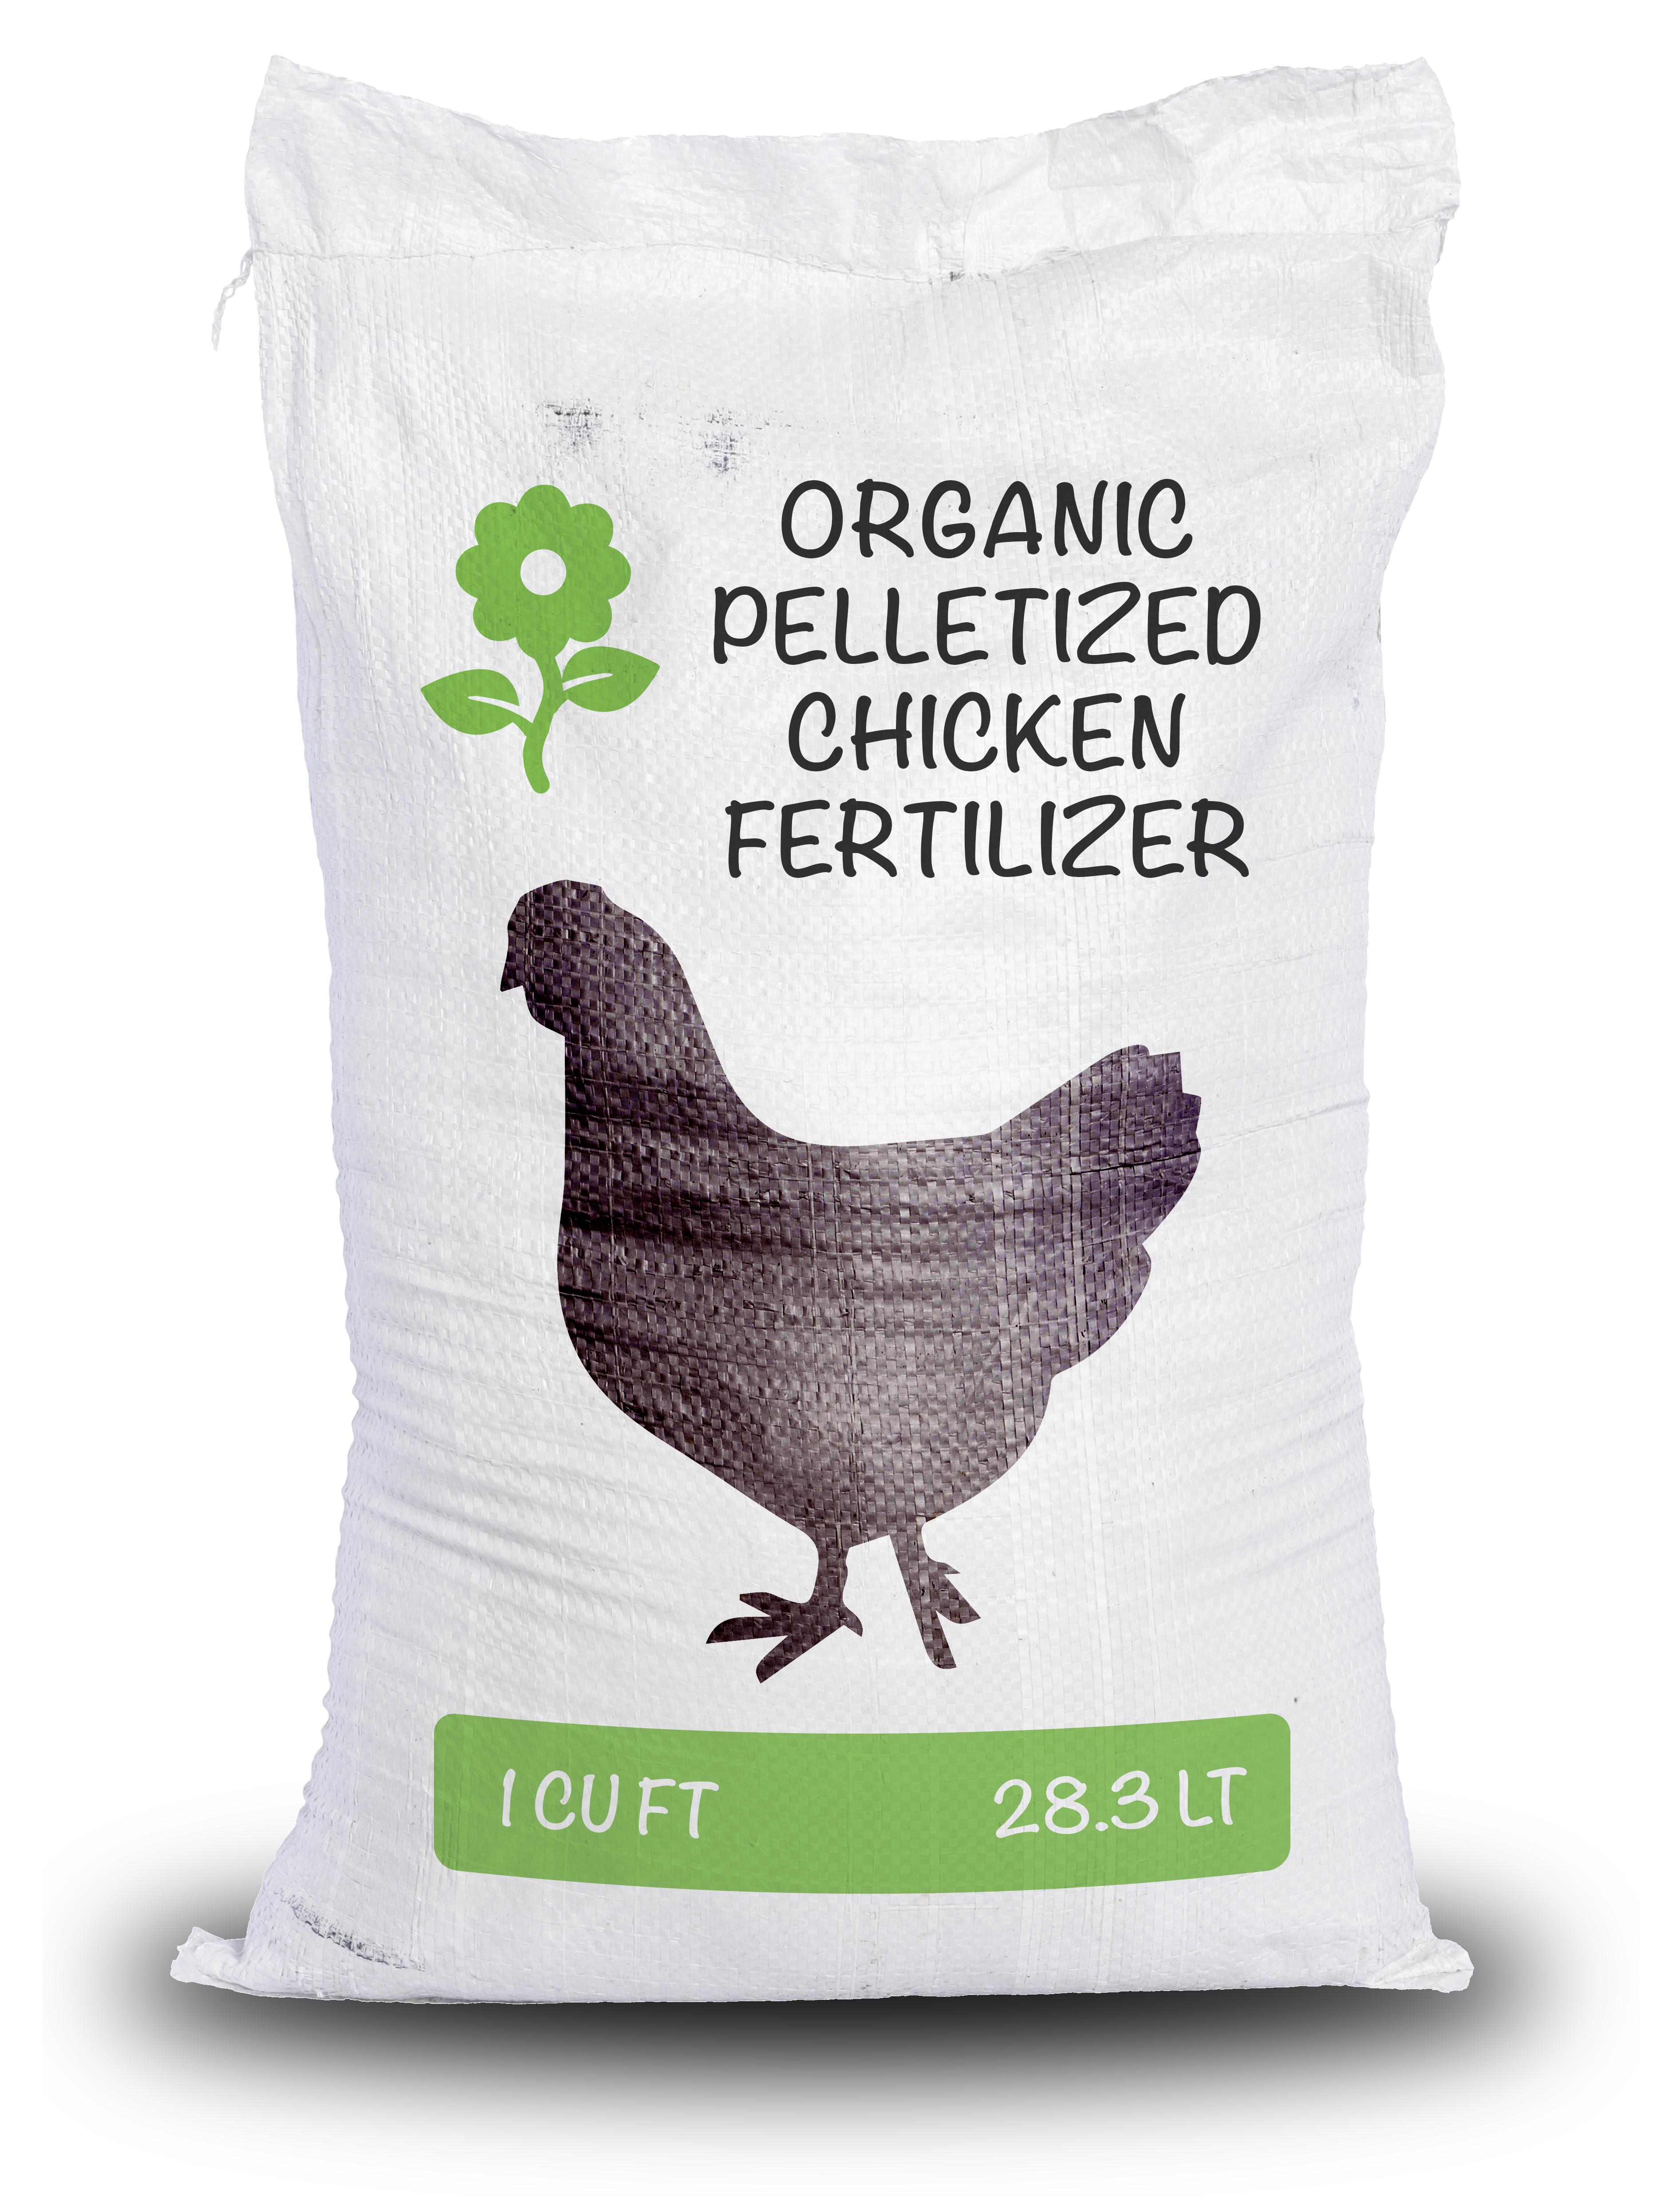 Poultry Fertilizer Bag